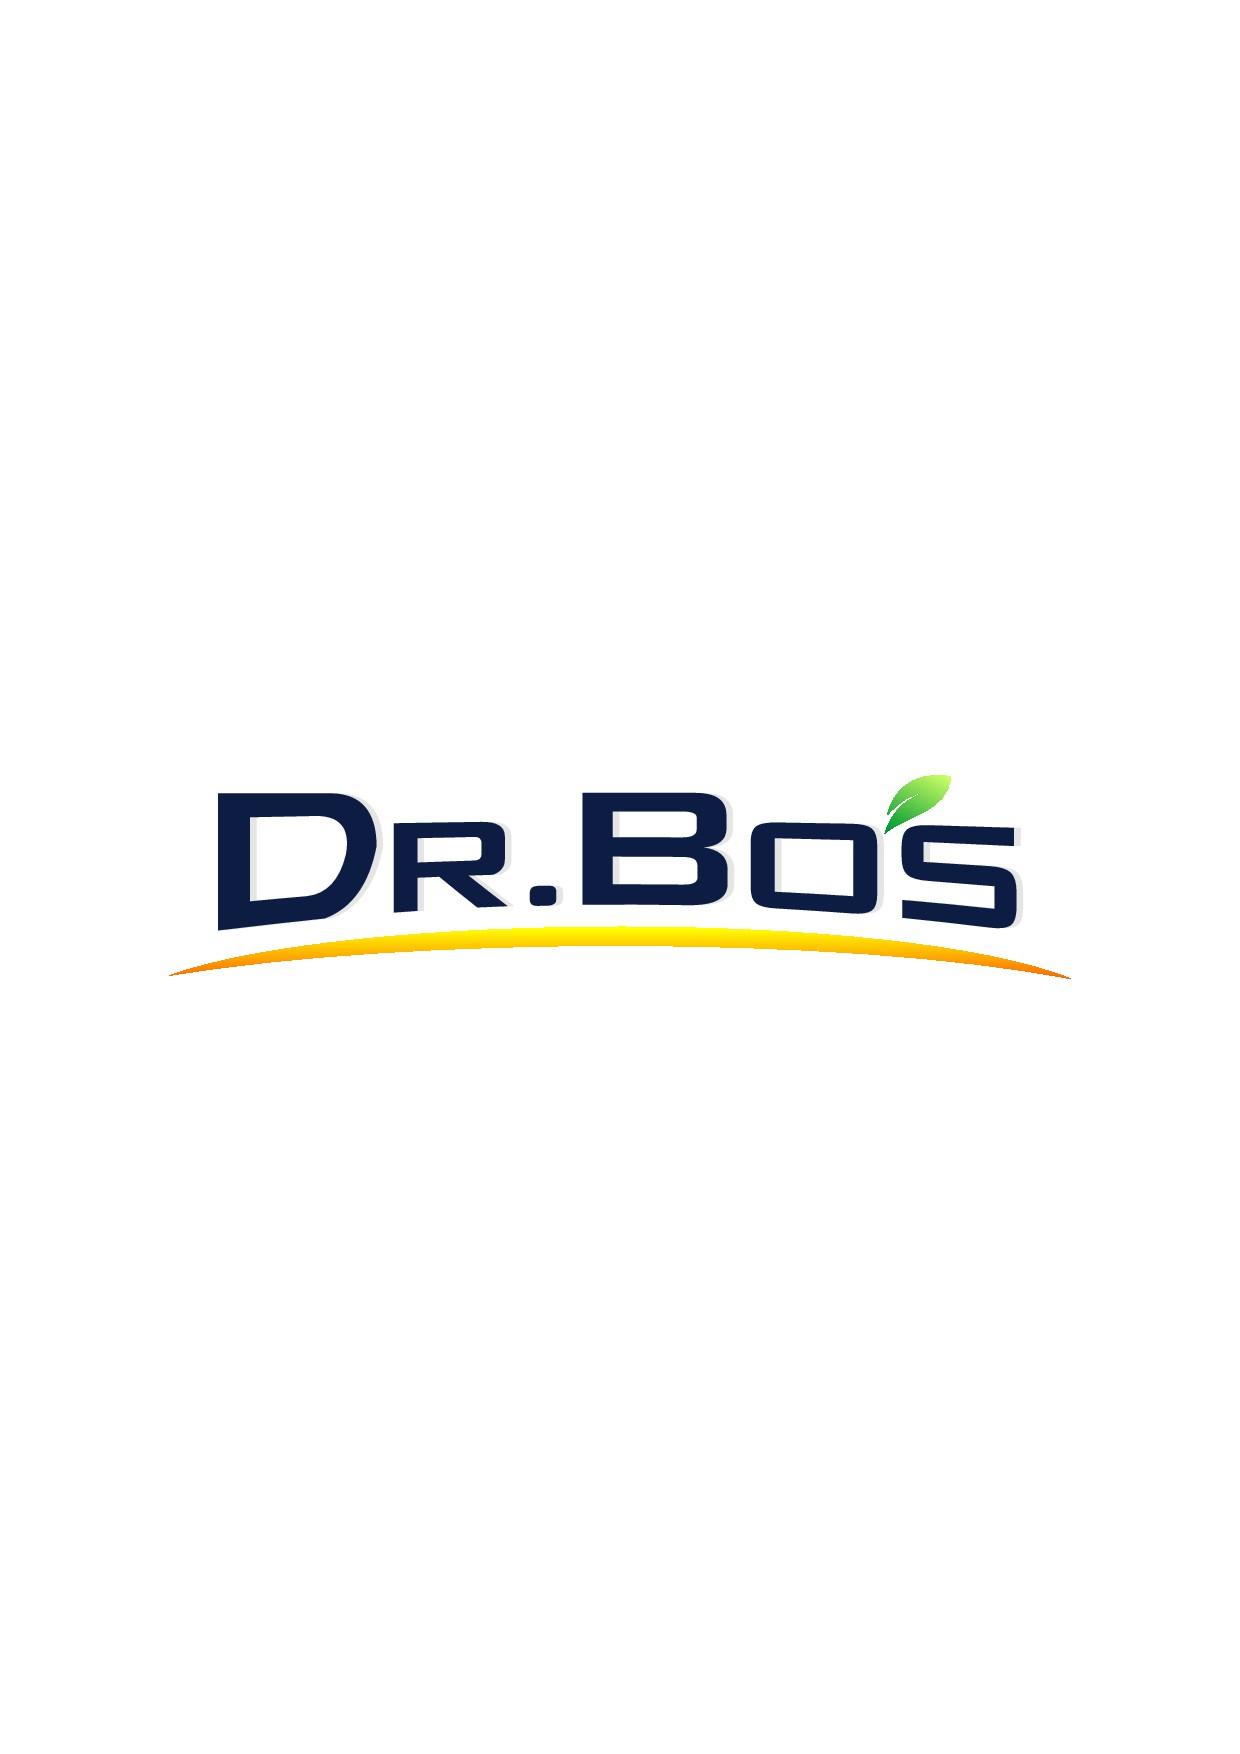 New modern logo for Dr. Bo's vitamin company!